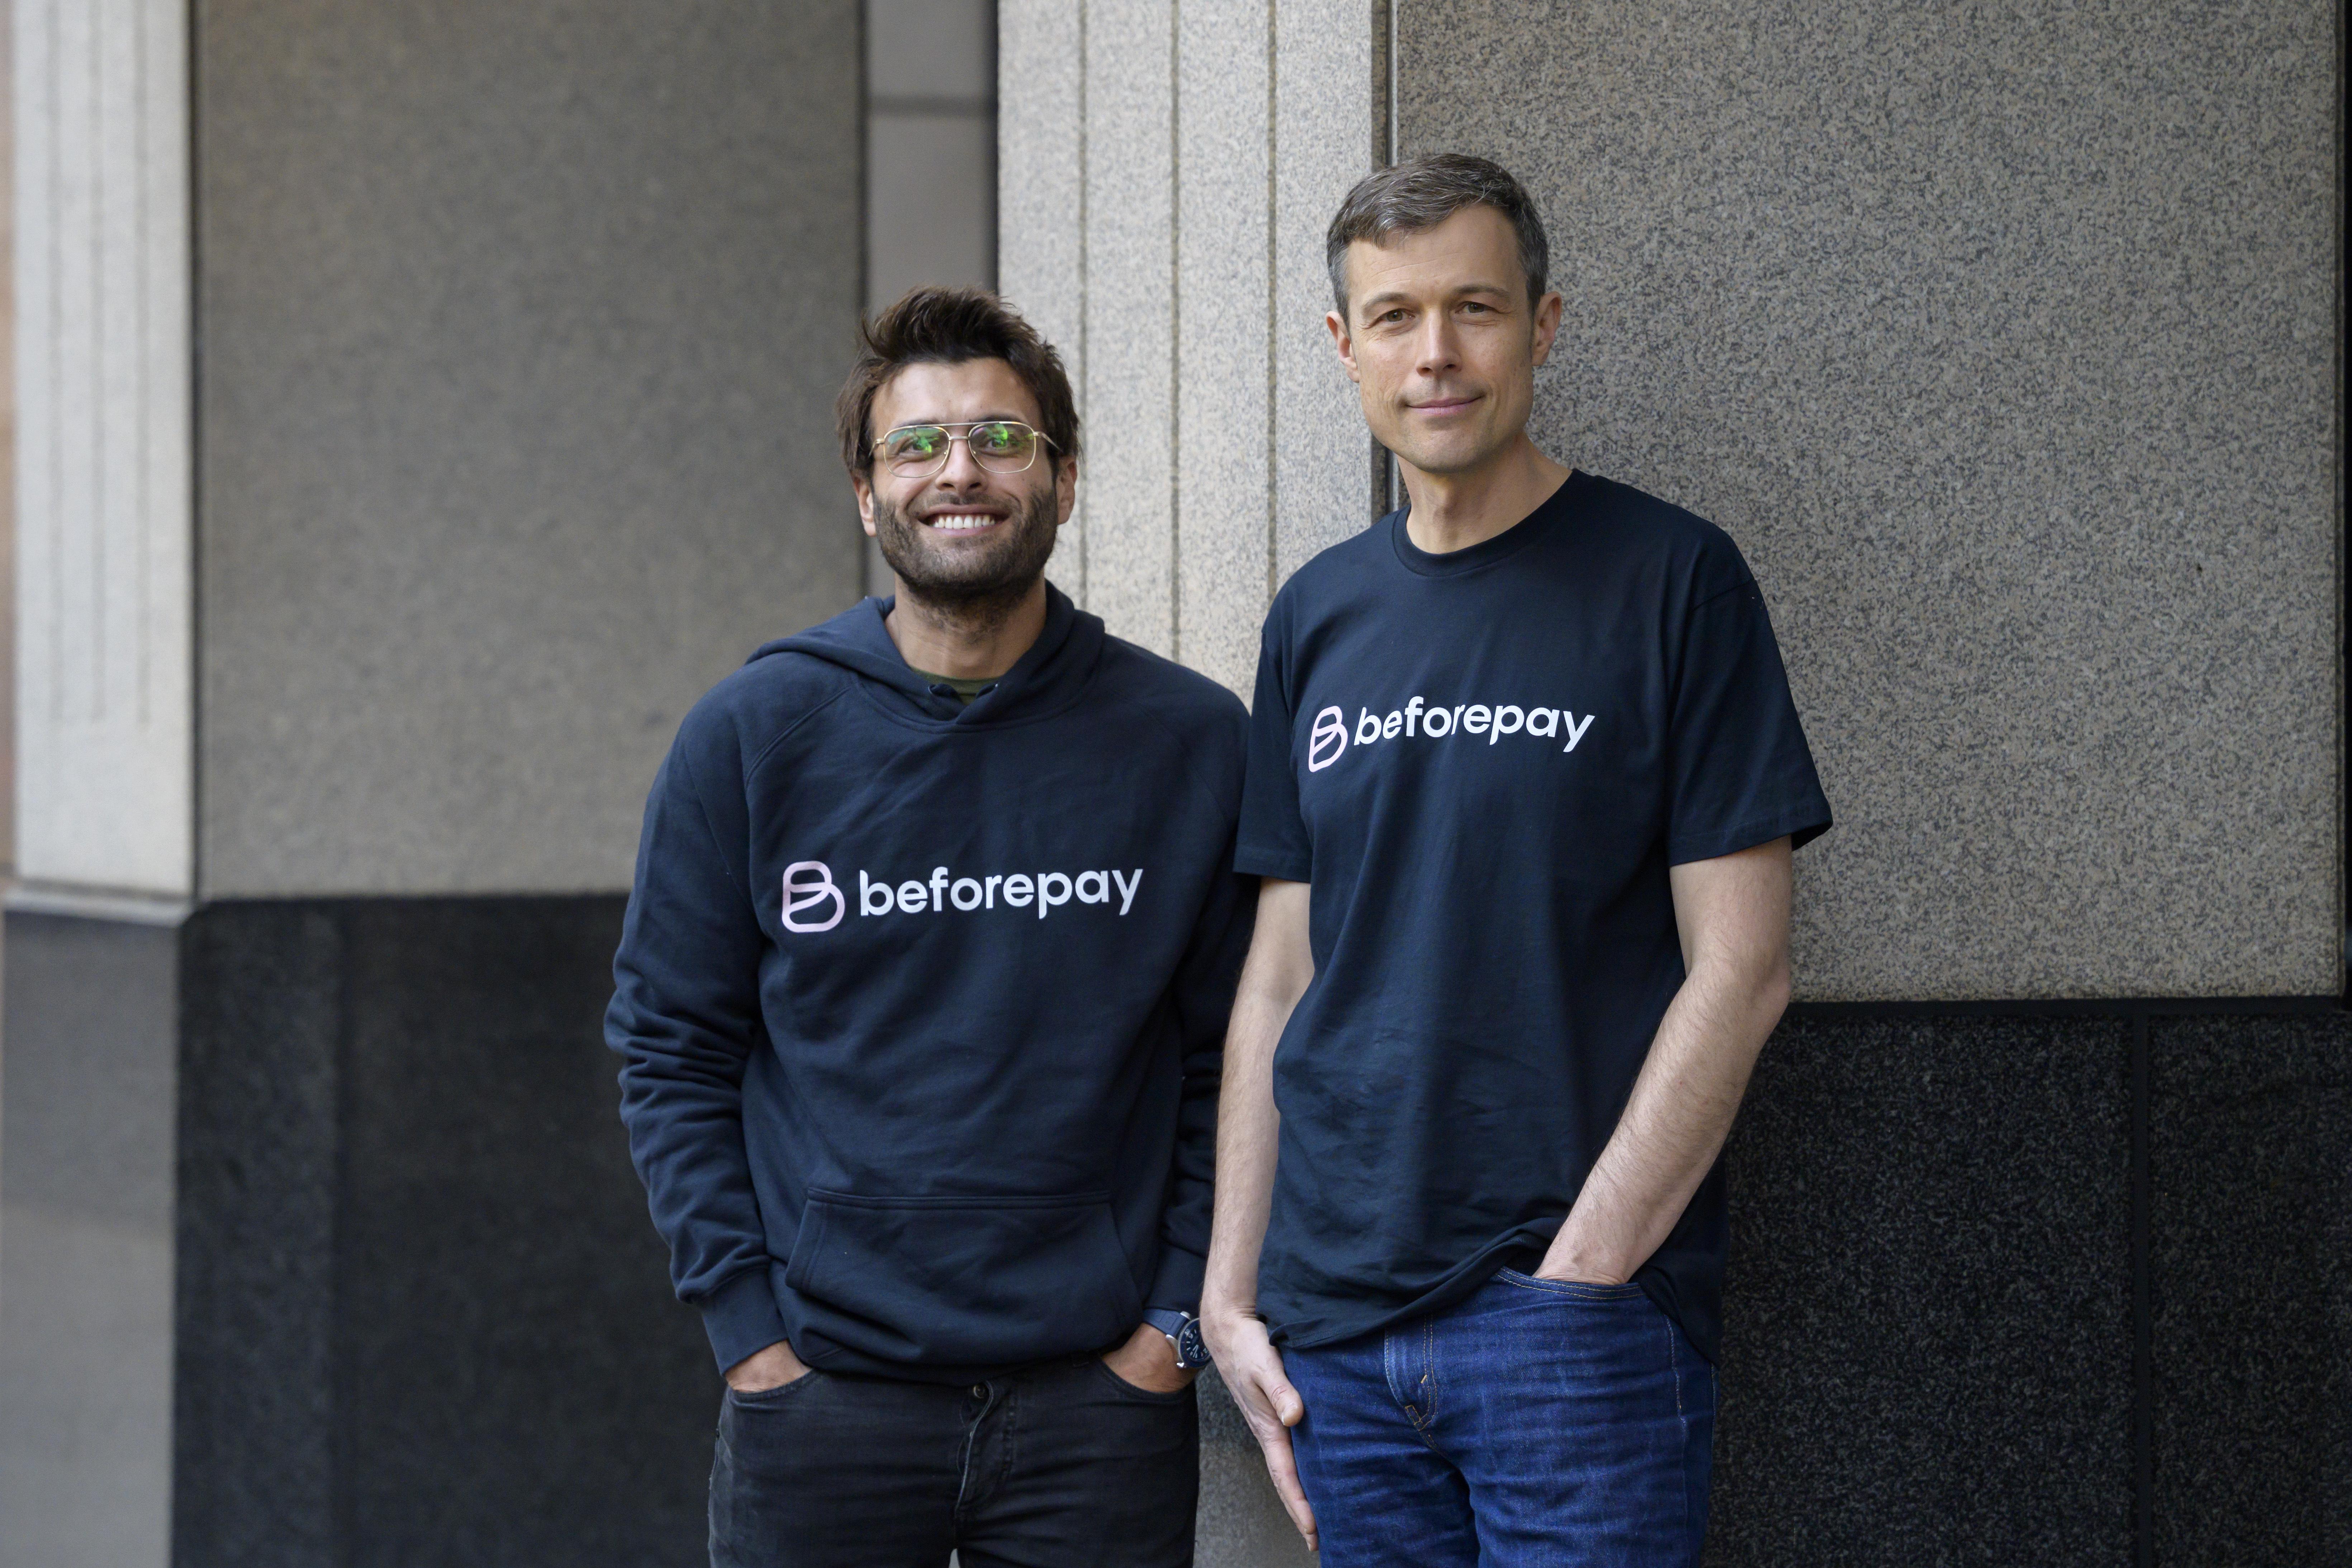 Tarek and Jamie at Beforepay